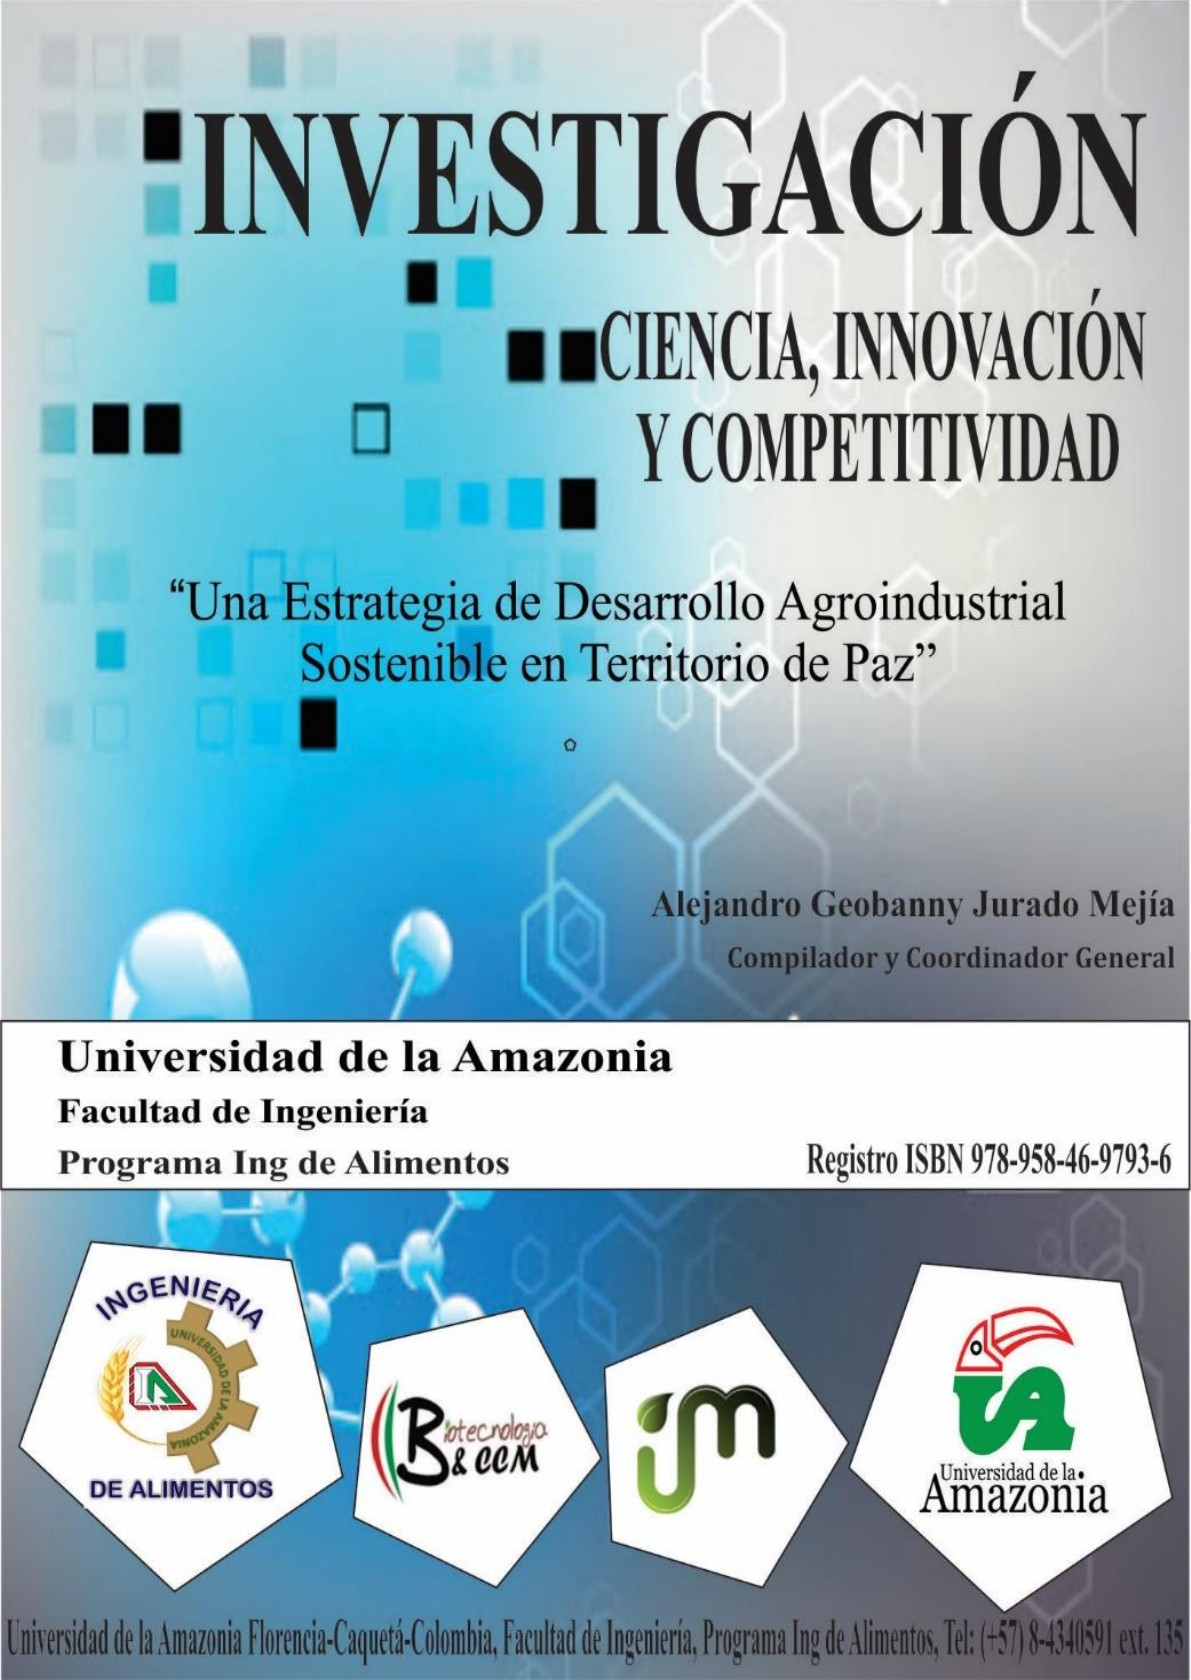 Calendario 2019 Oficial Argentina Más Caliente Investigacin Ciencia Innovacin Y Petitividad [pdf Document]